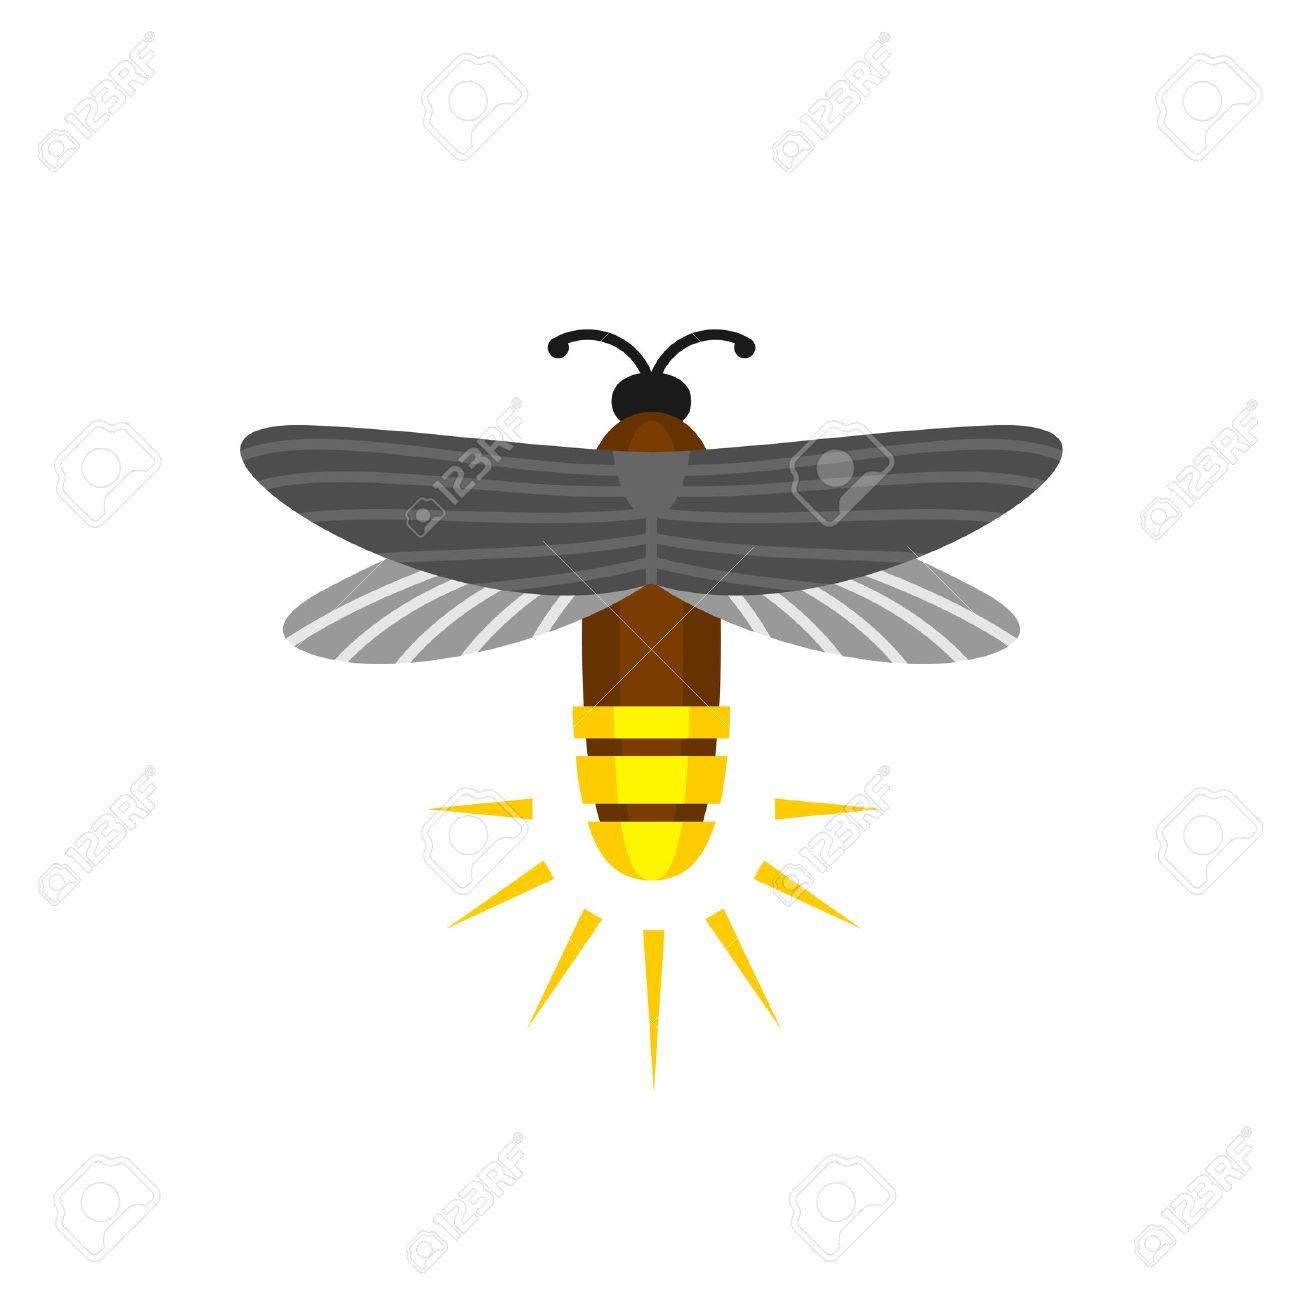 Aislado De La Luciérnaga De Dibujos Animados. Luciérnaga Insecto Del ...